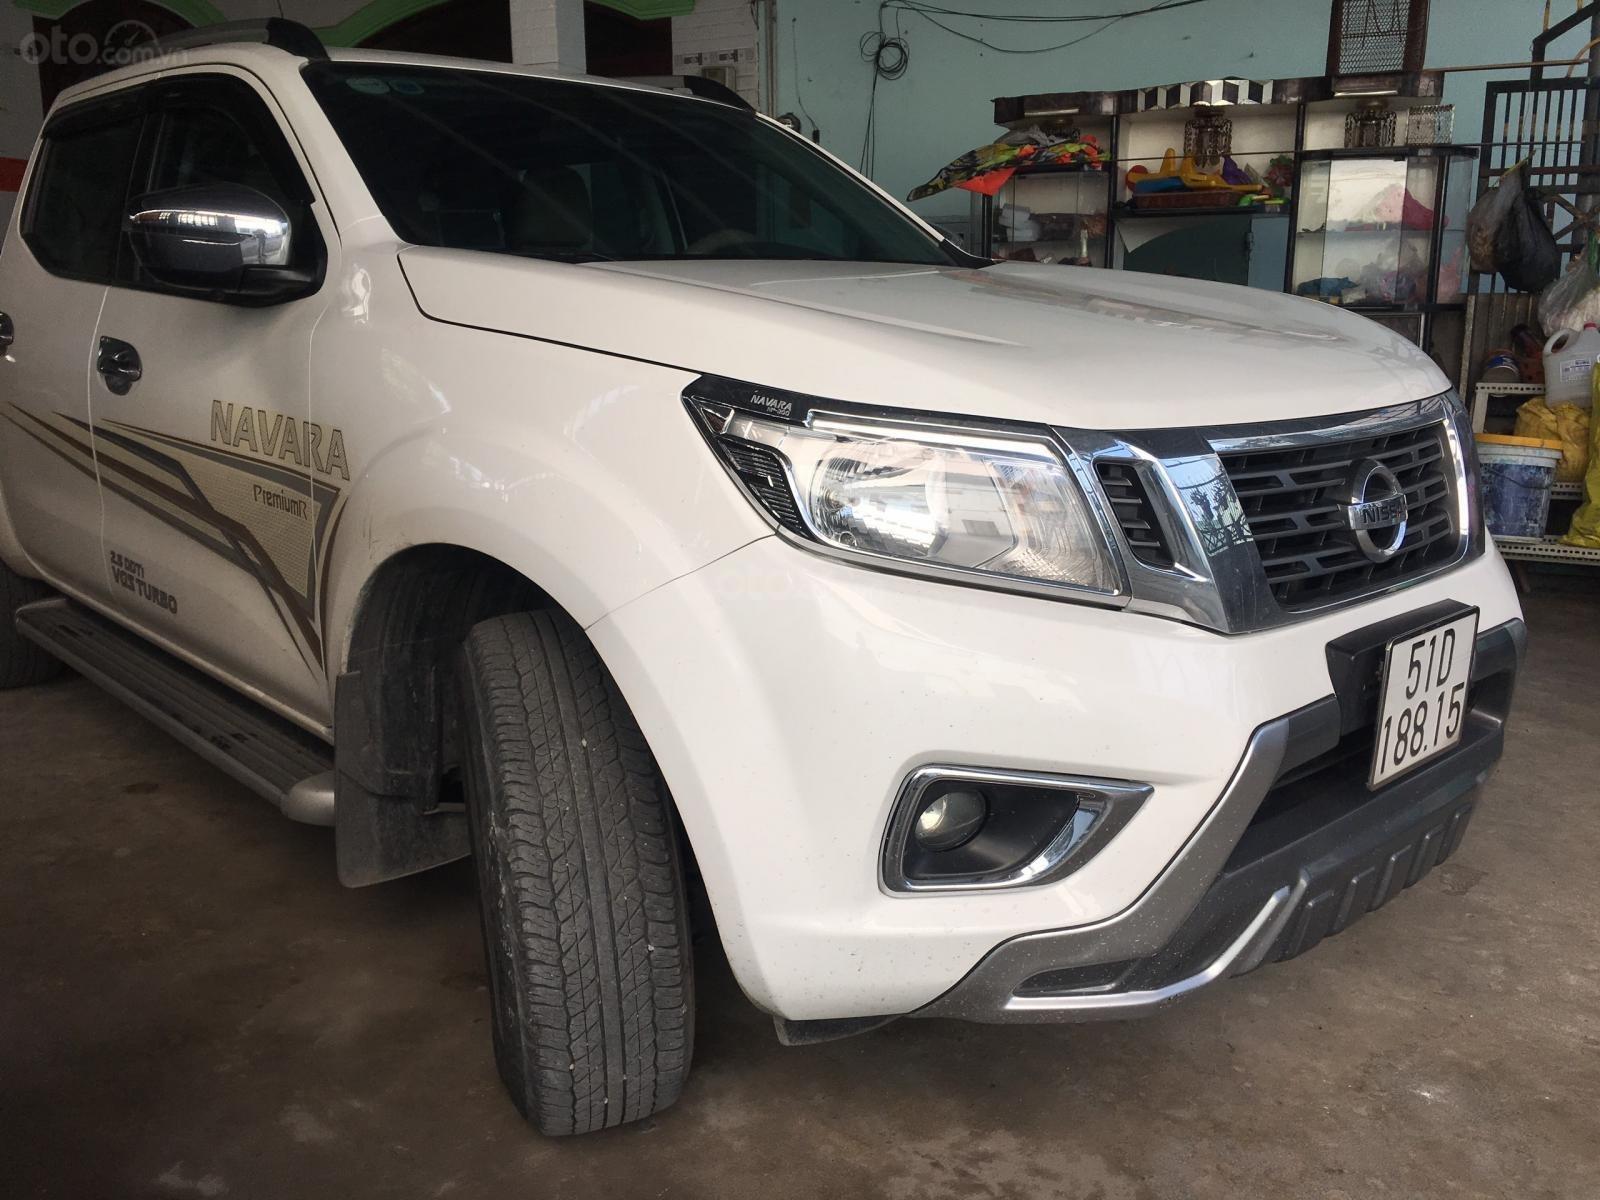 Bán gấp xe Nissan Navara 2017 nhập khẩu Thái nguyên chiếc, LH: 0933904541 (2)